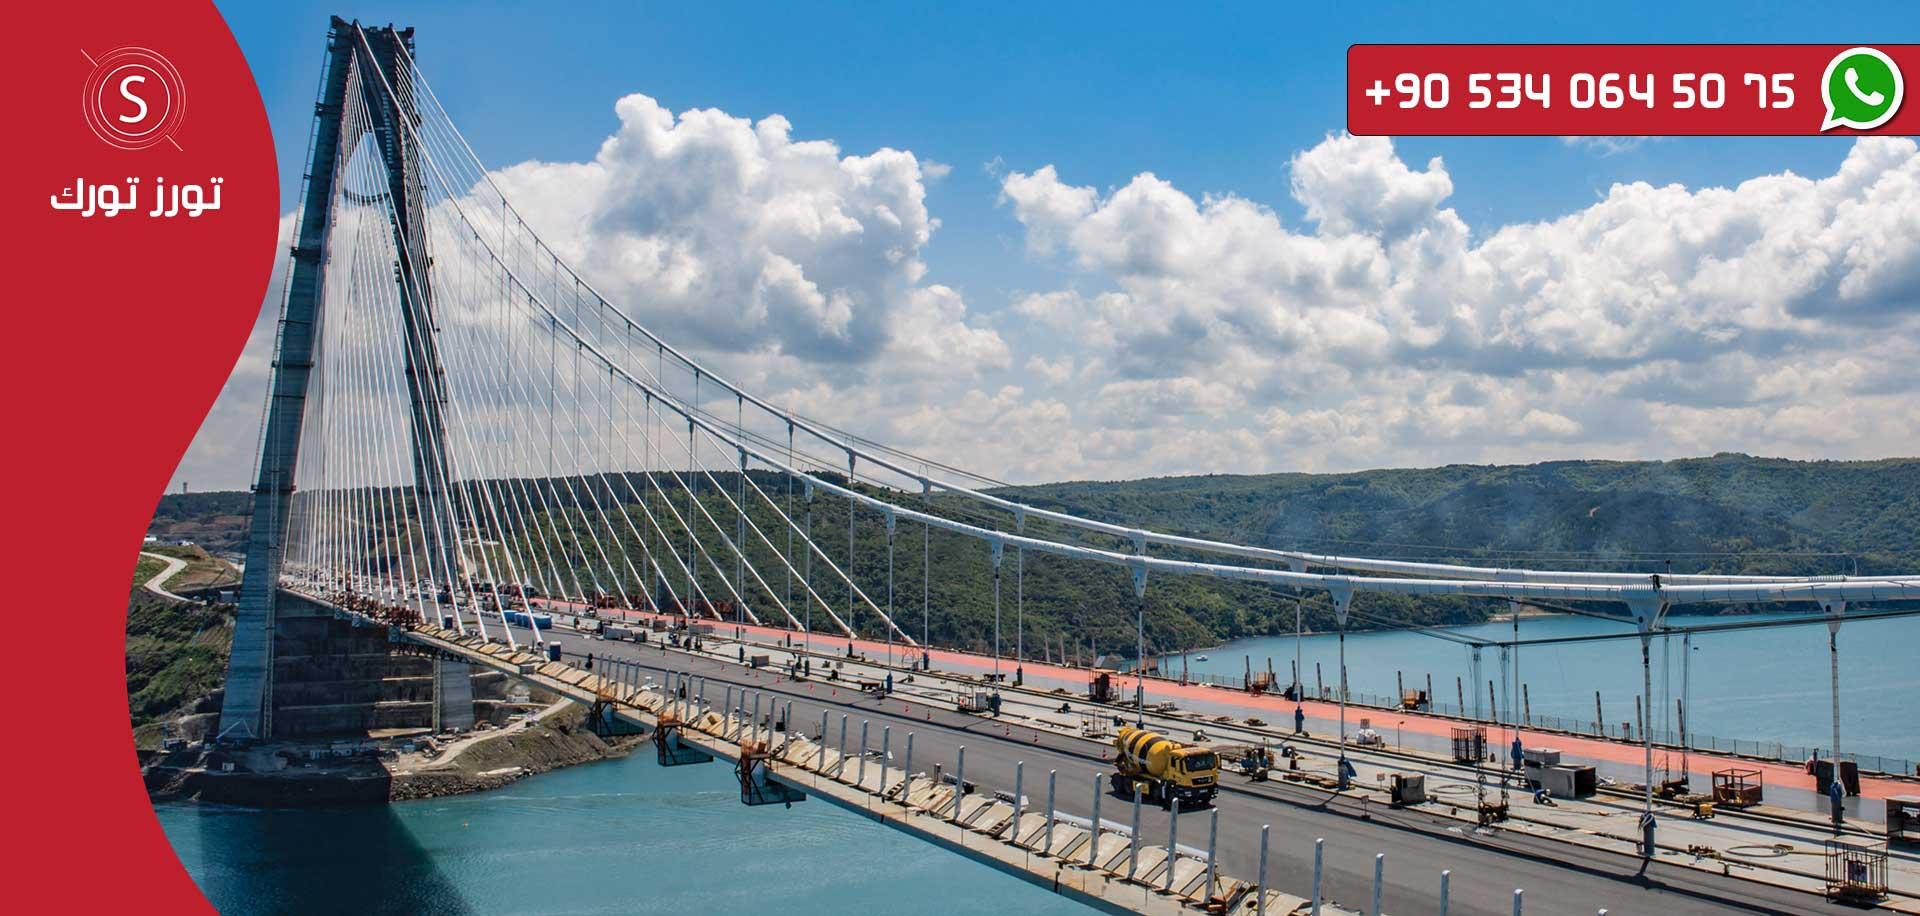 جولة مضيق البسفور جولات سياحية في اسطنبول